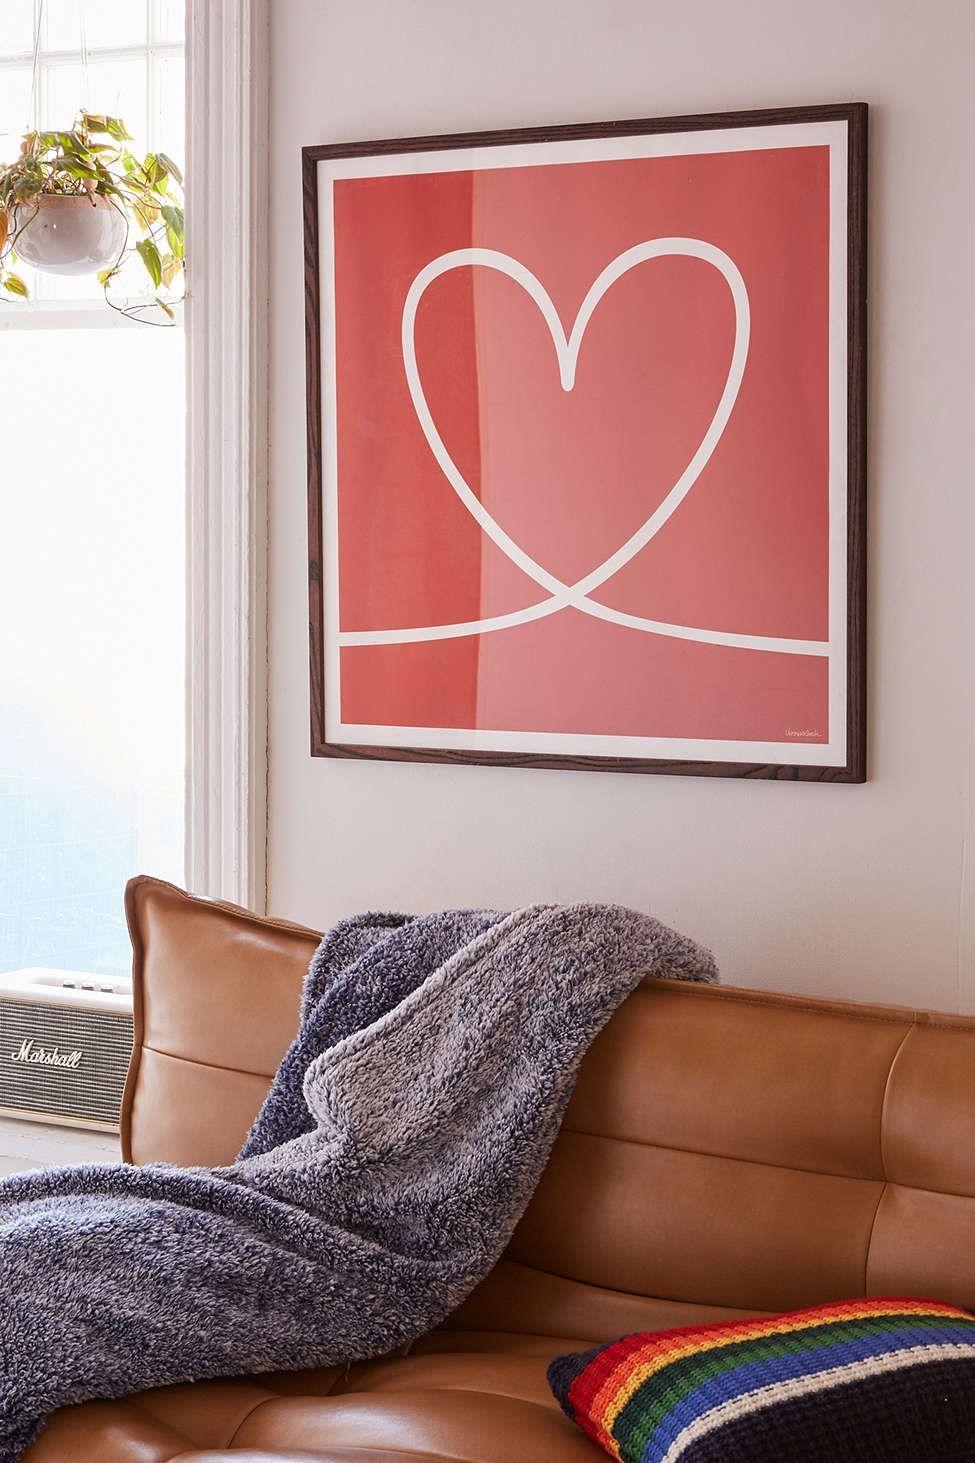 Die Liebegeschenke kommen aus dem Herzen und sind die beste Idee zum Valentinstag